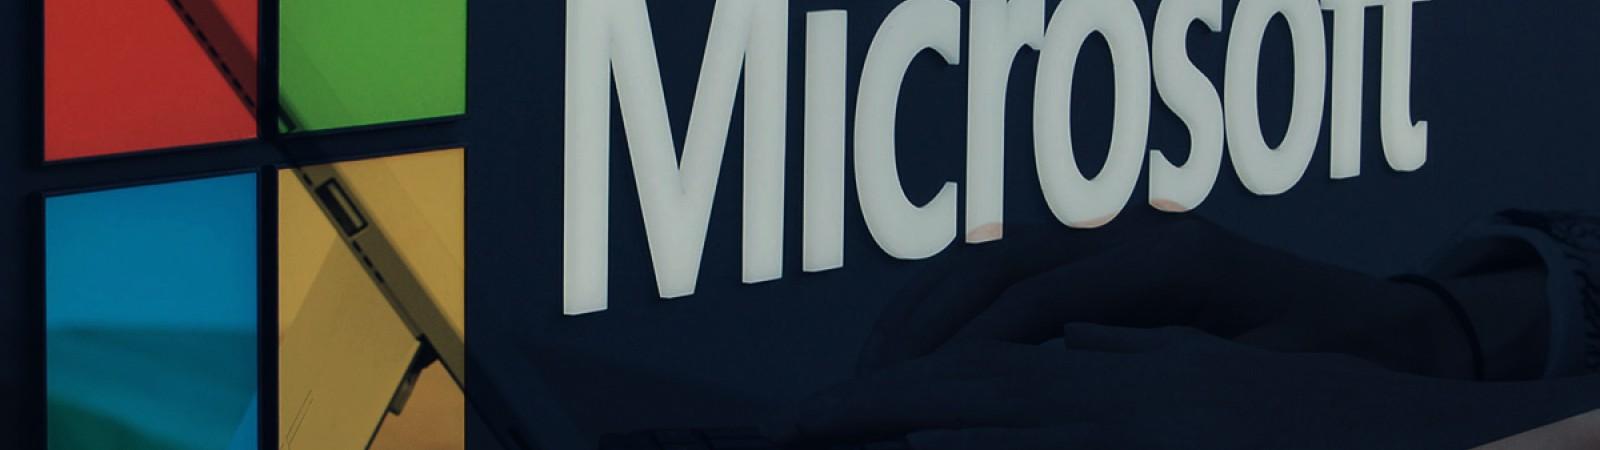 Corso Online di Sistemista Microsoft